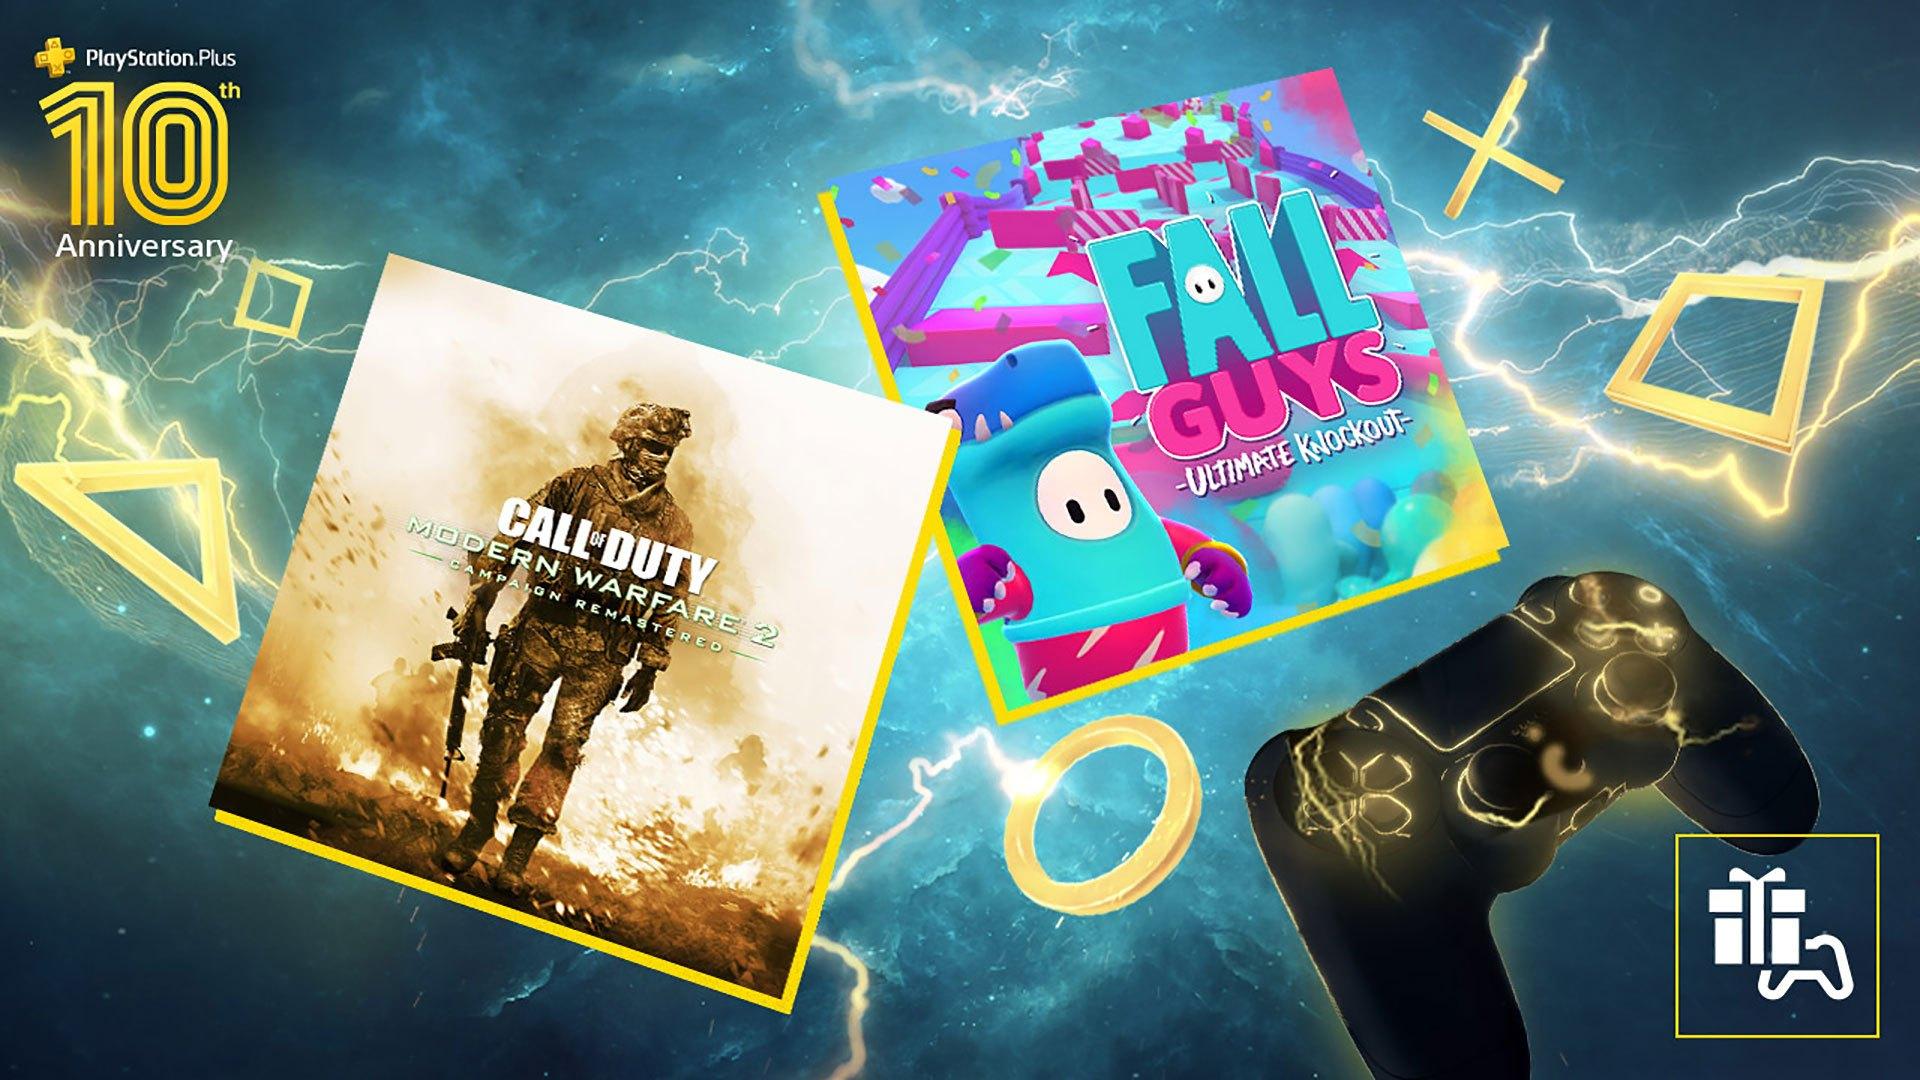 Imagen de juegos gratis de PlayStation Plus en agosto 2020